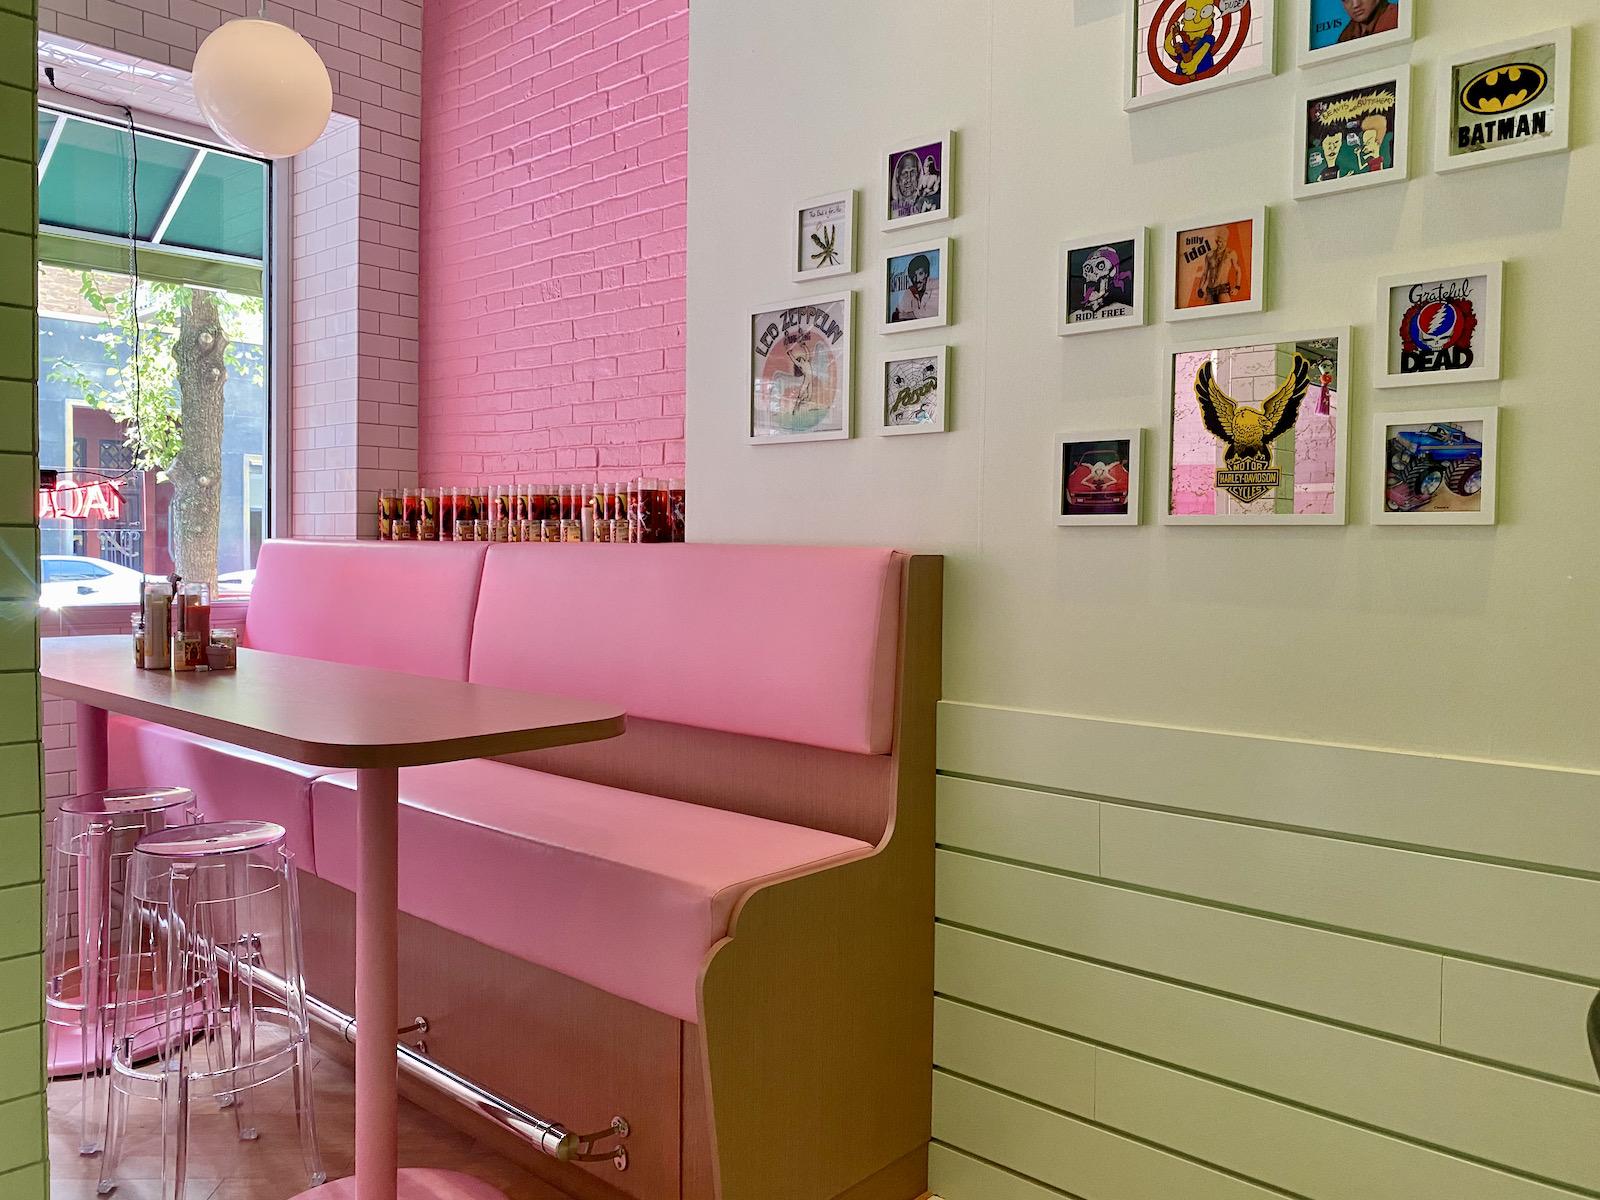 Sleek pink booths